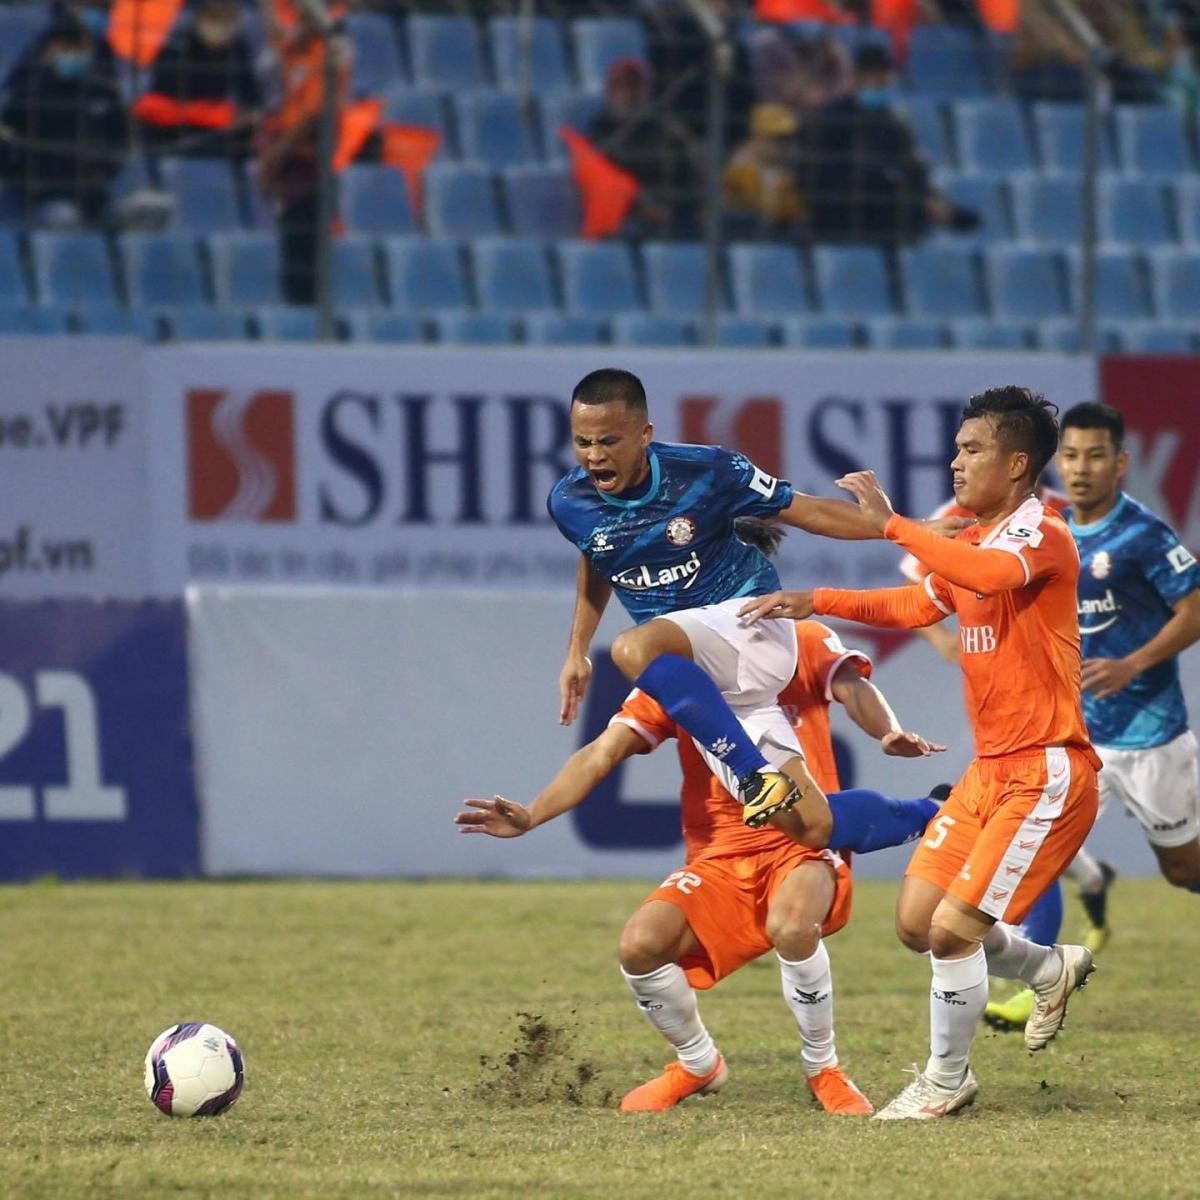 Đà Nẵng (áo cam) vượt qua CLB TPHCM nhờ bàn thắng duy nhất của Đức Chinh. (Ảnh: CLB TPHCM).